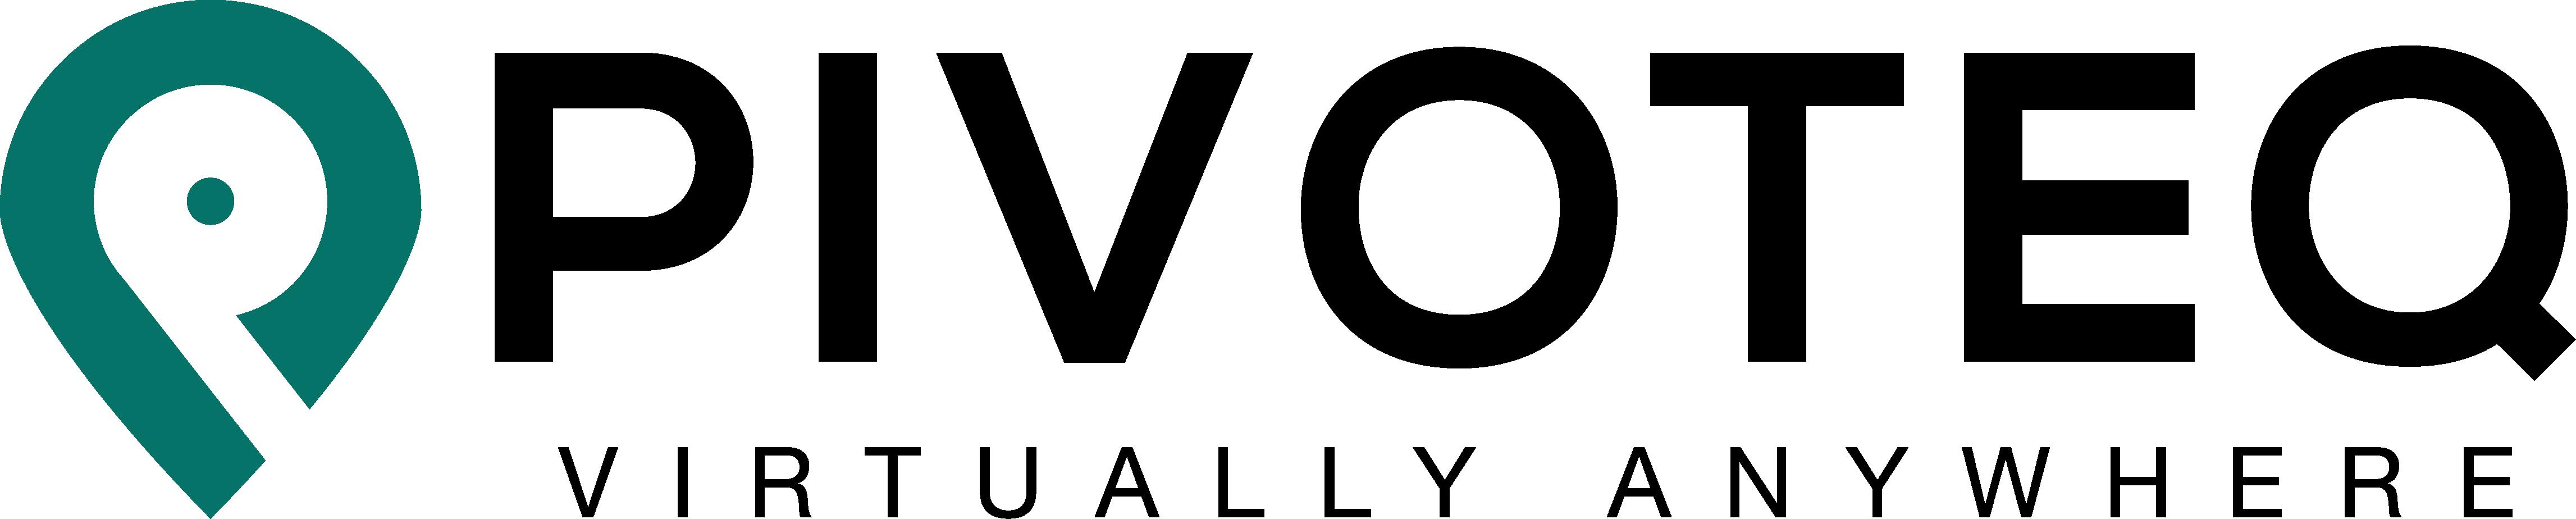 Pivoteq